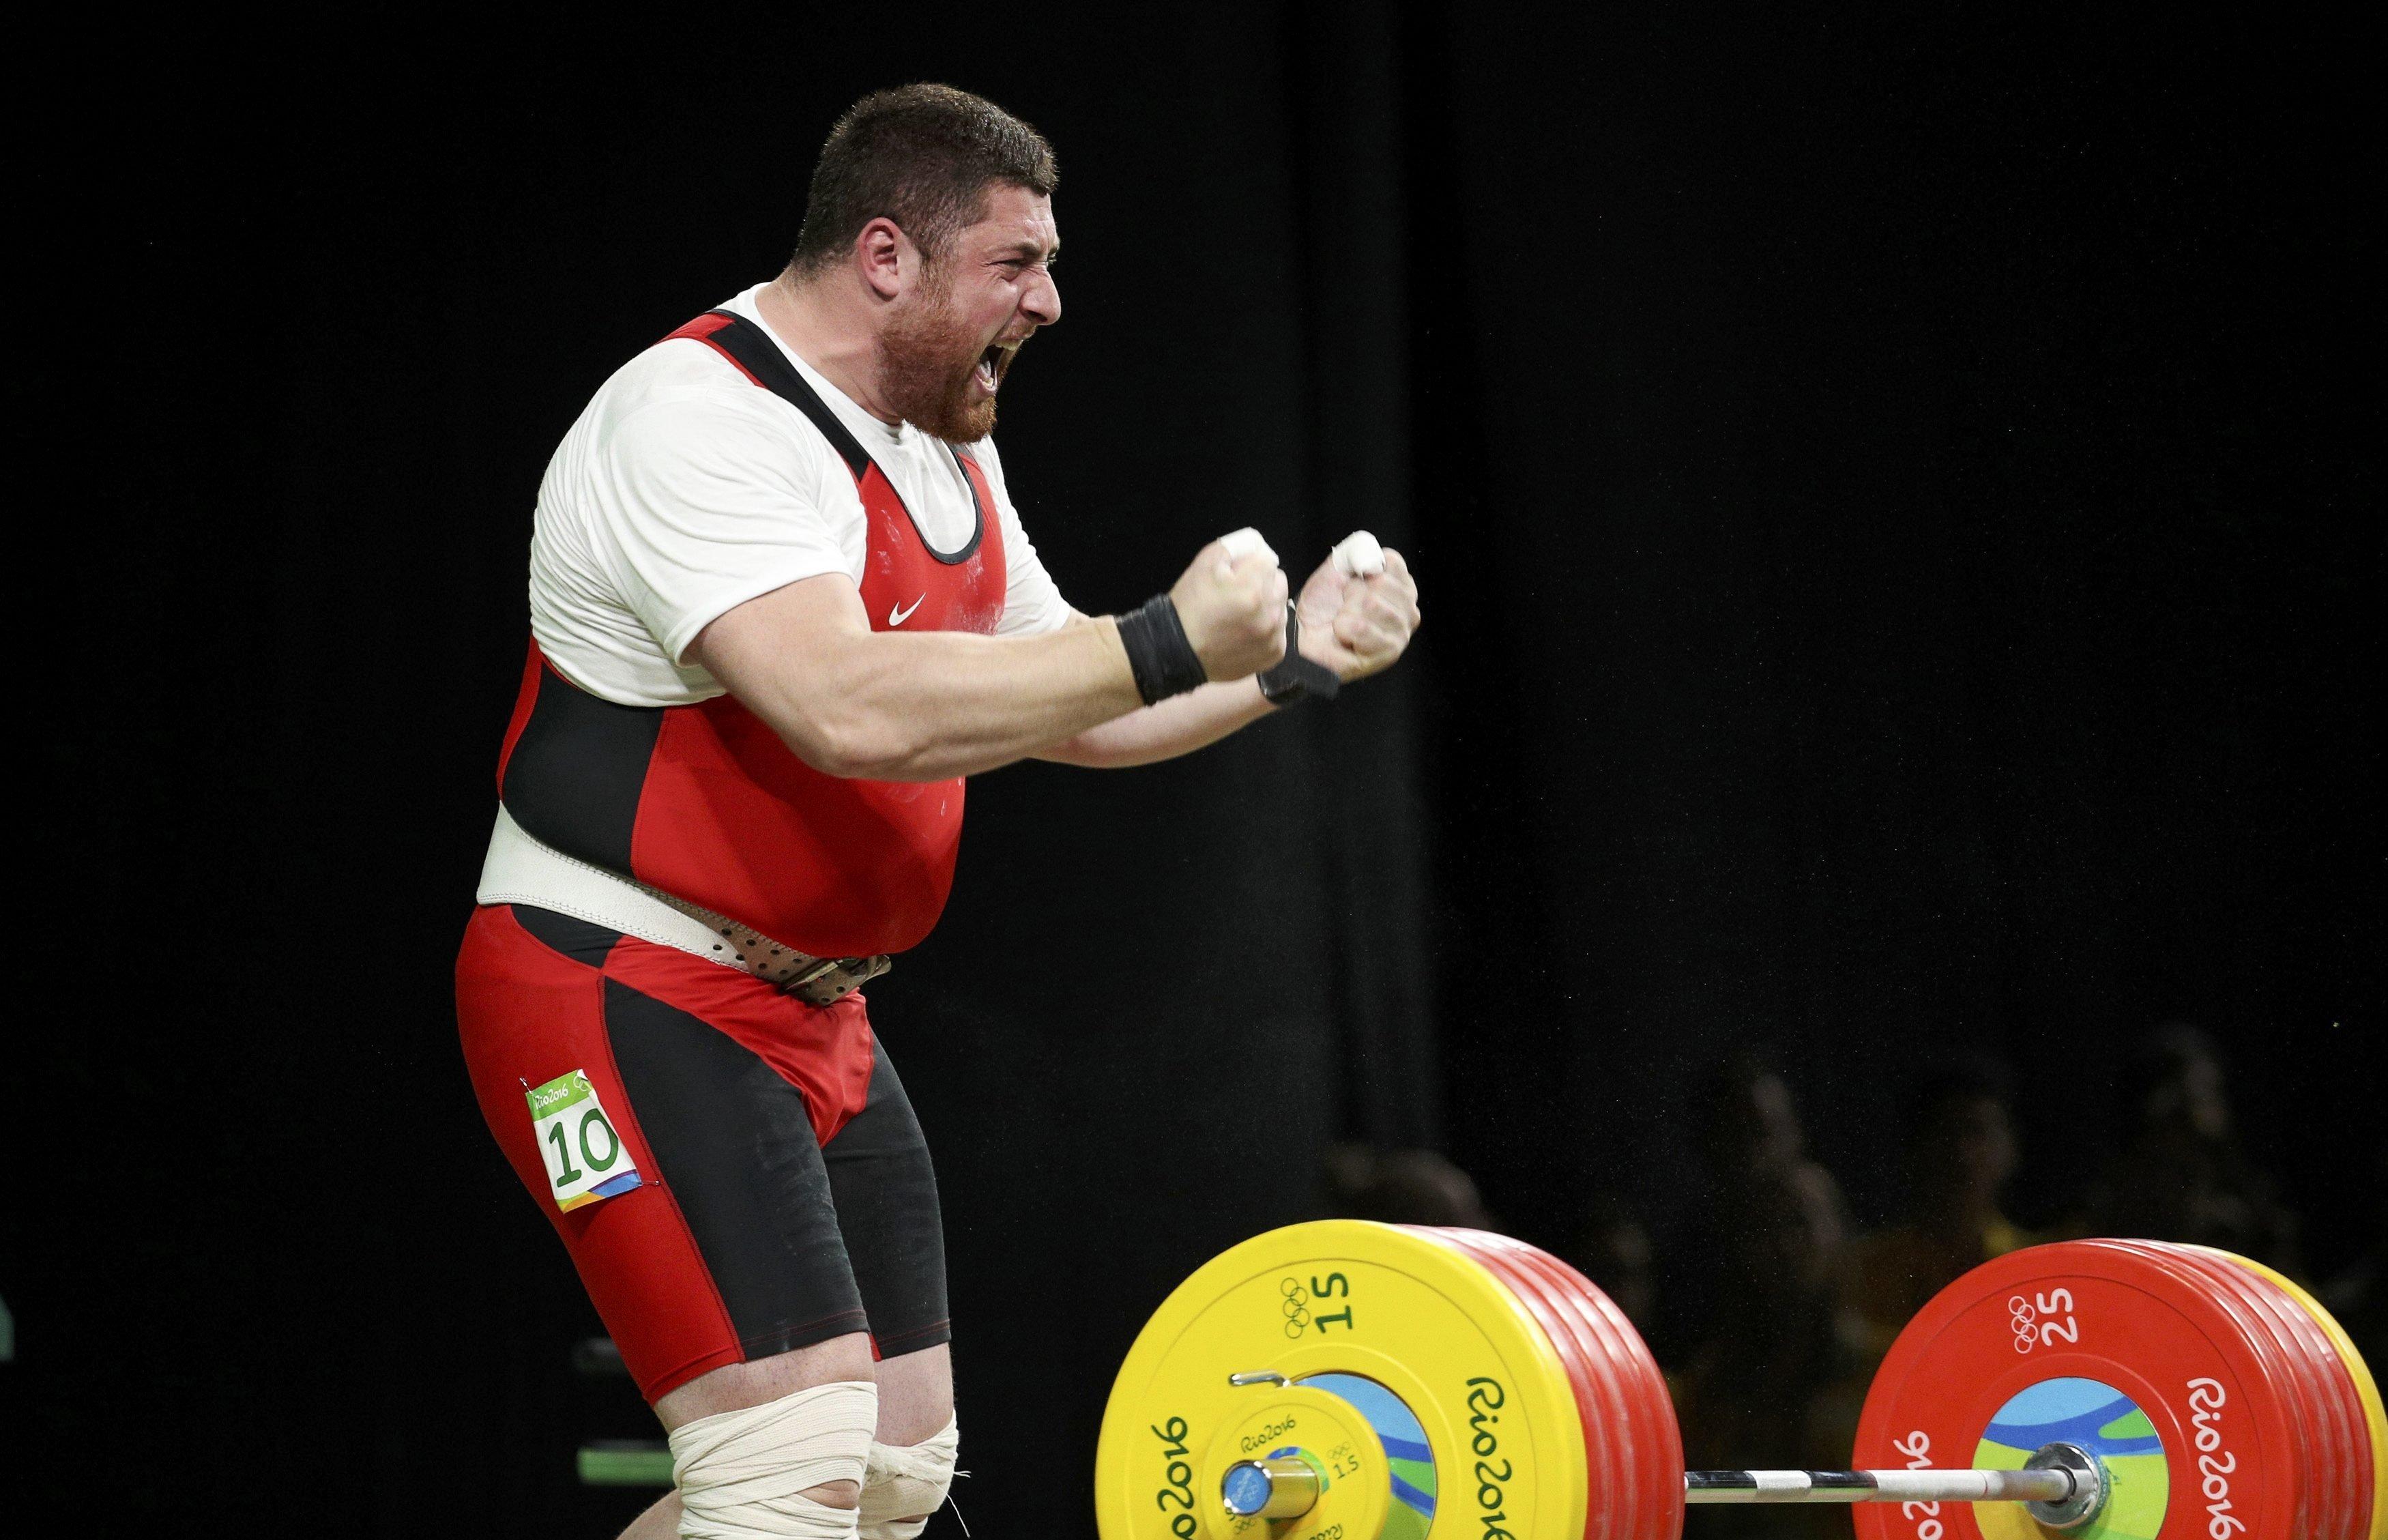 Тяжеловес из Грузии Лаша Талахадзе завоевывает золотую медаль на Олимпиаде в Рио